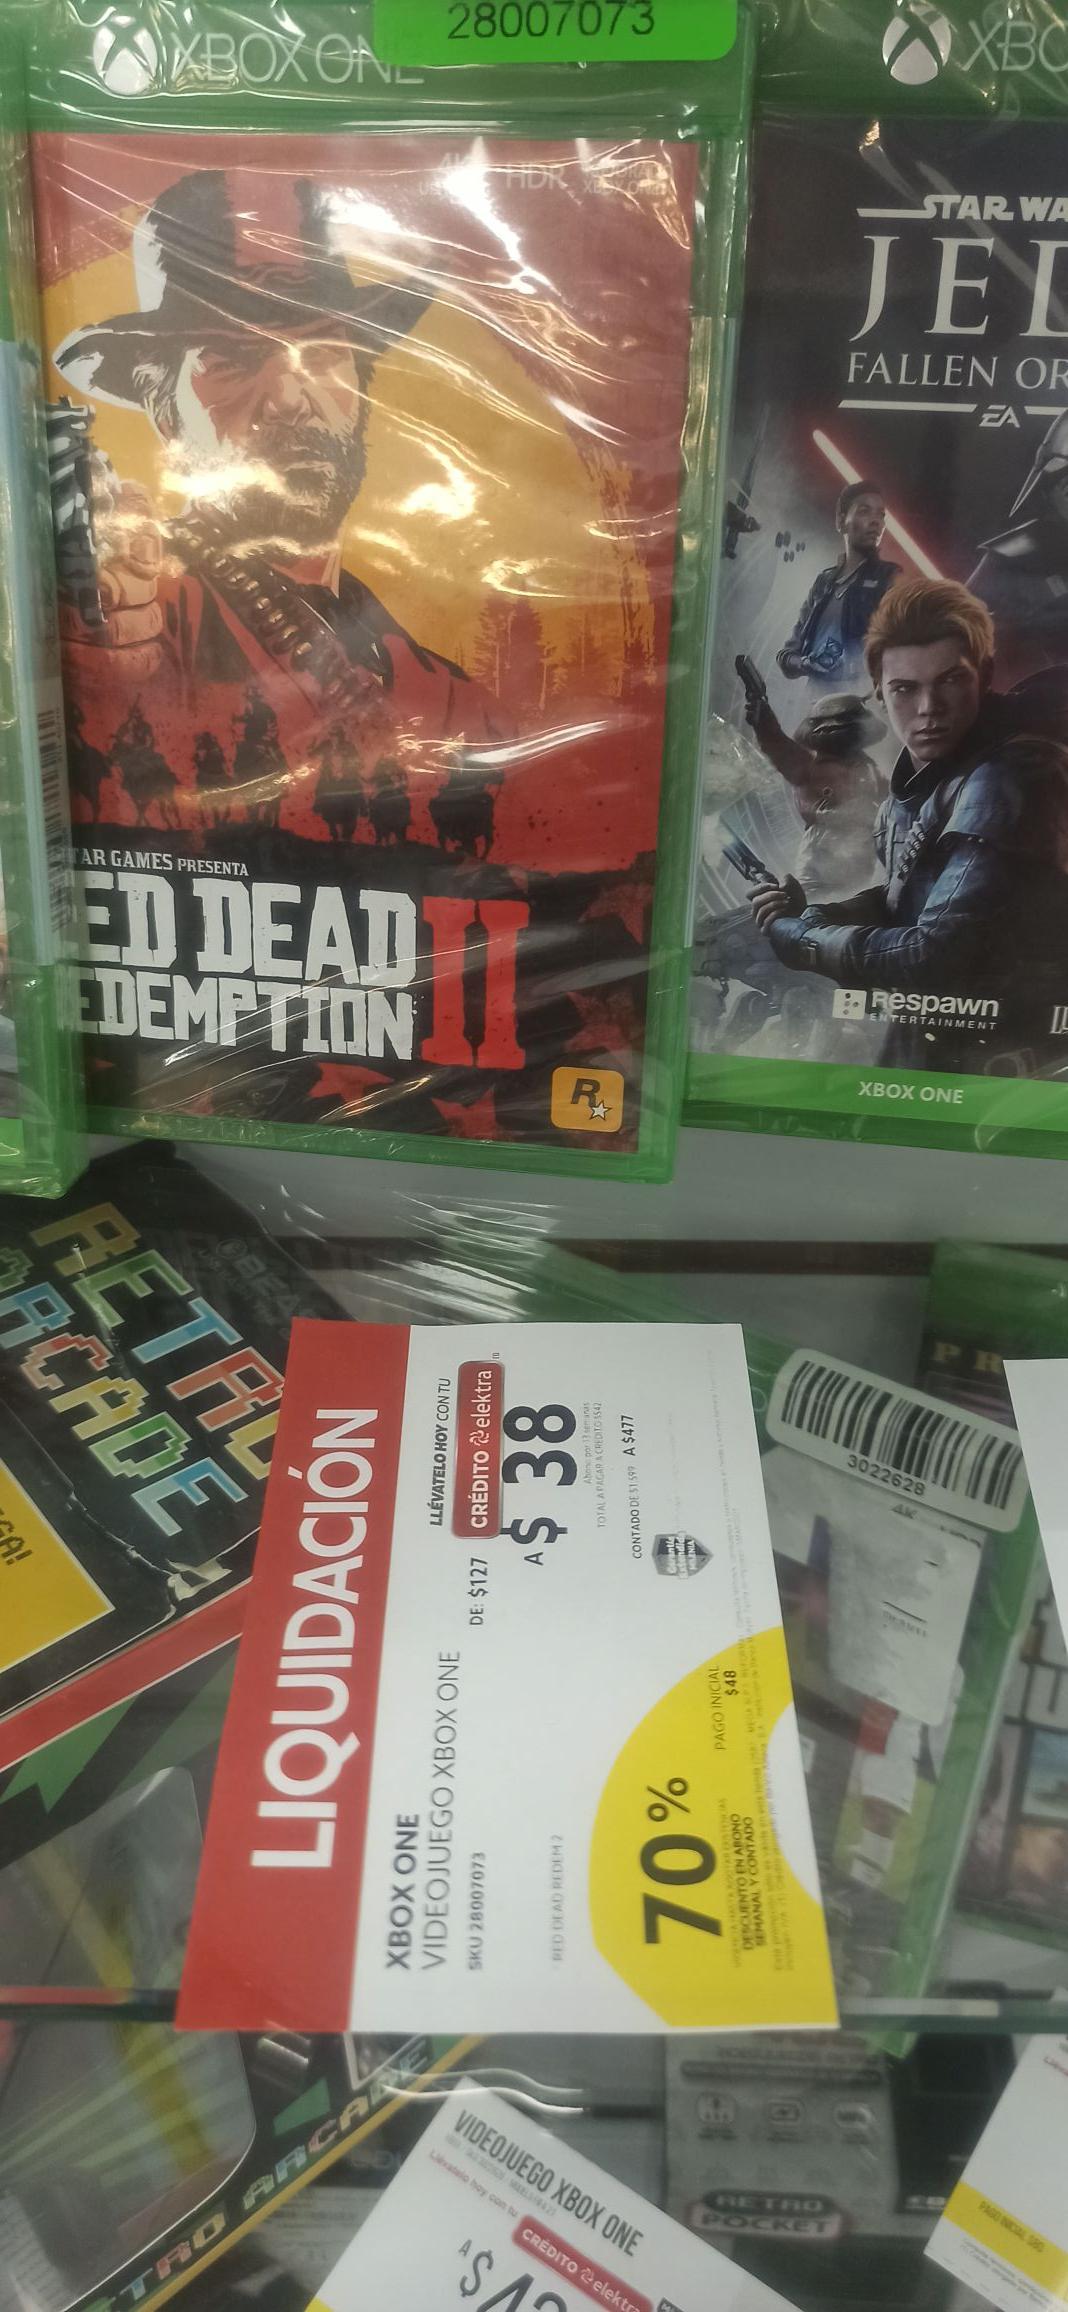 Elektra Reforma SLP: Red dead redemption 2 xbox one